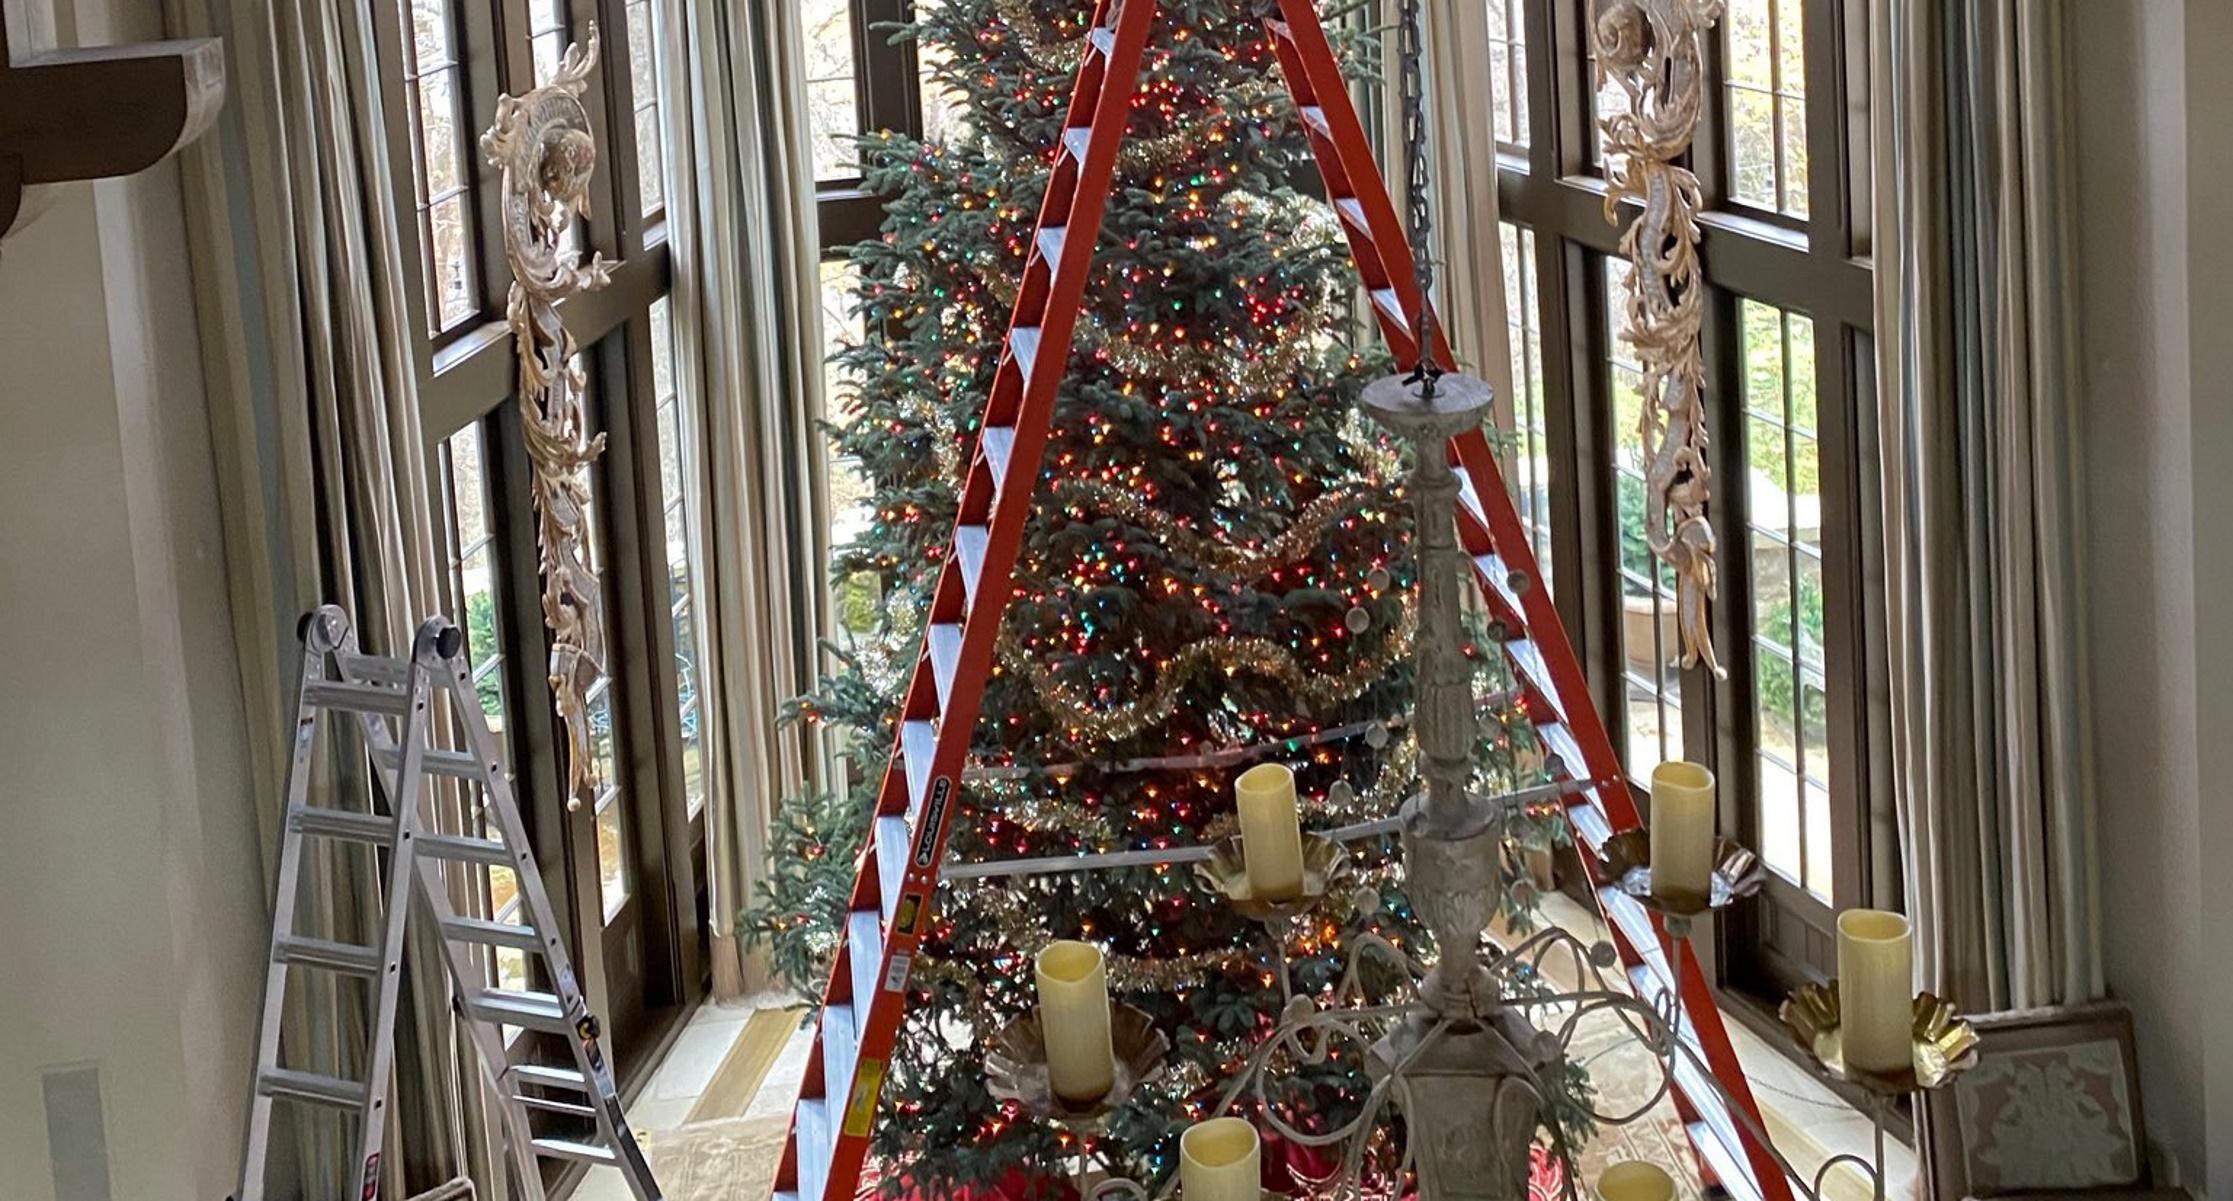 Το πανύψηλο χριστουγεννιάτικο δέντρο που έγινε viral (pics)